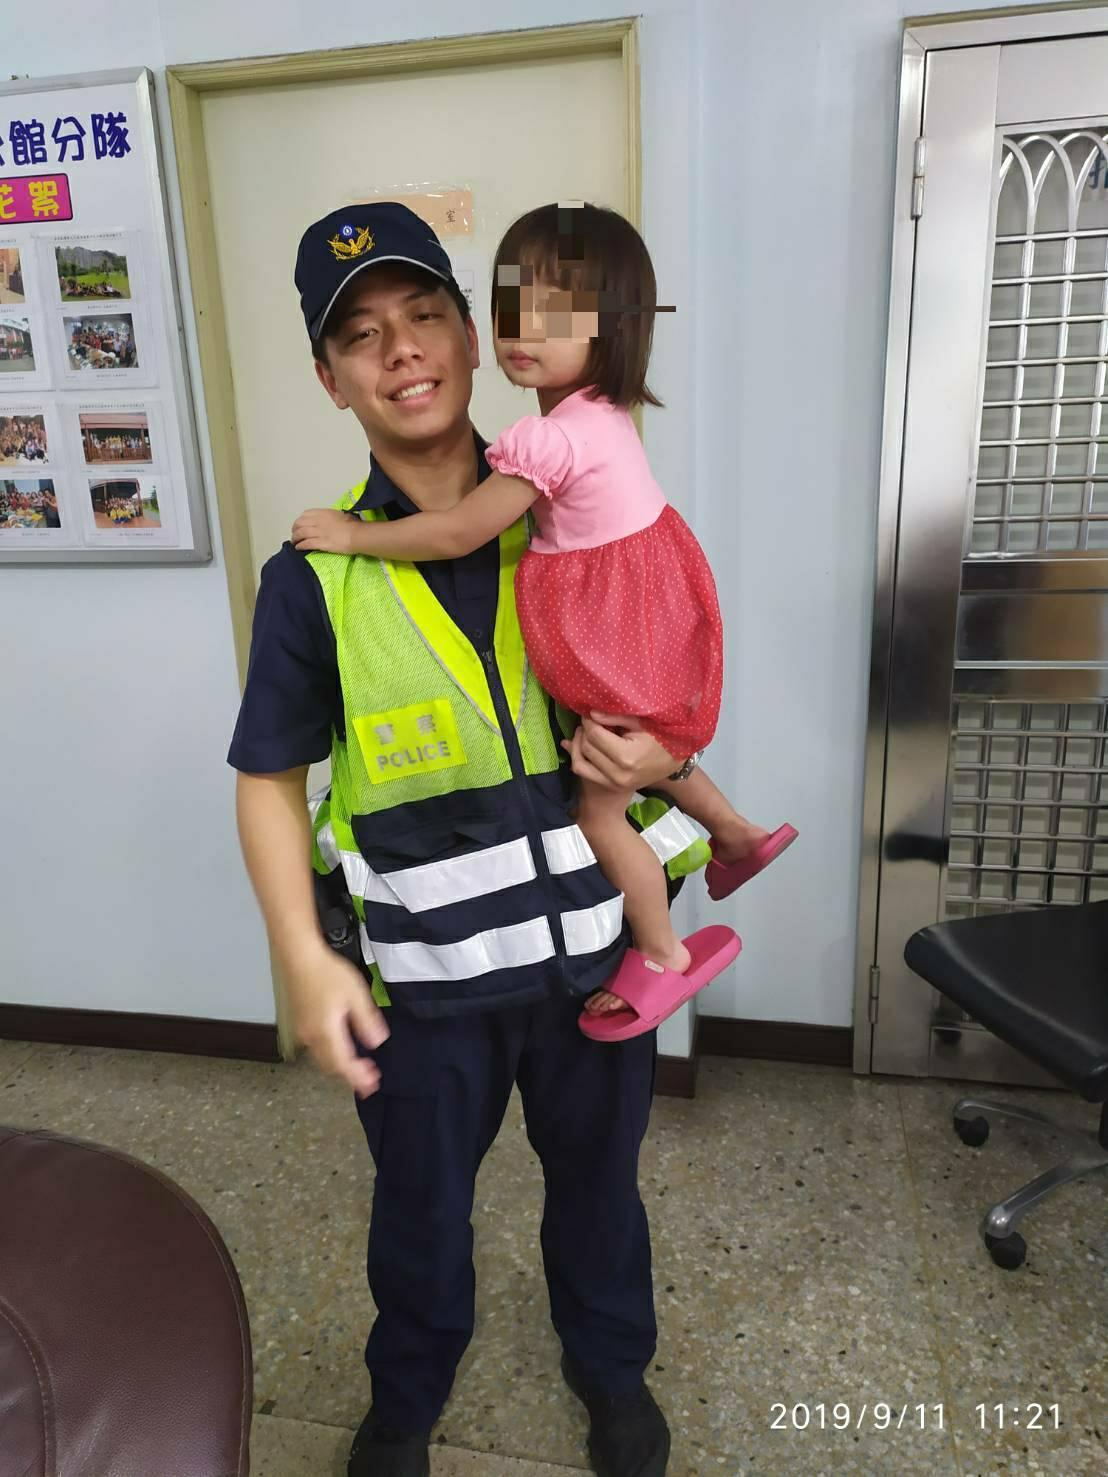 苗栗警察分局公館分駐所警員邱晟翔今天協助迷路2歲女童回家,女童家人相當感謝。圖/...